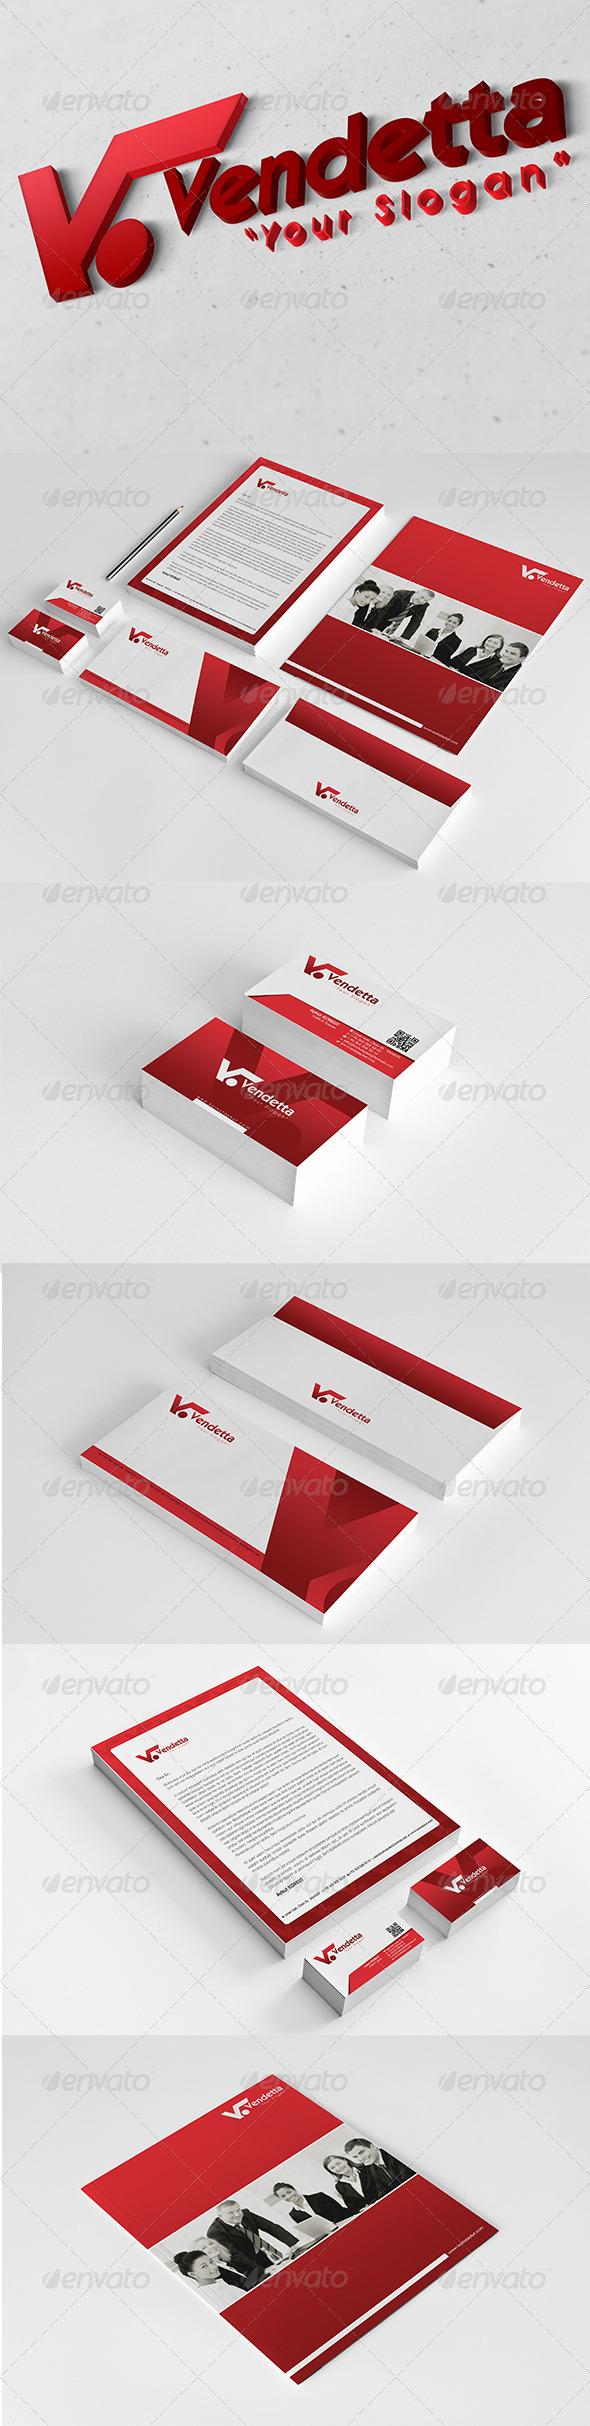 GraphicRiver Vendetta Corporate Identity Package V2 6079258